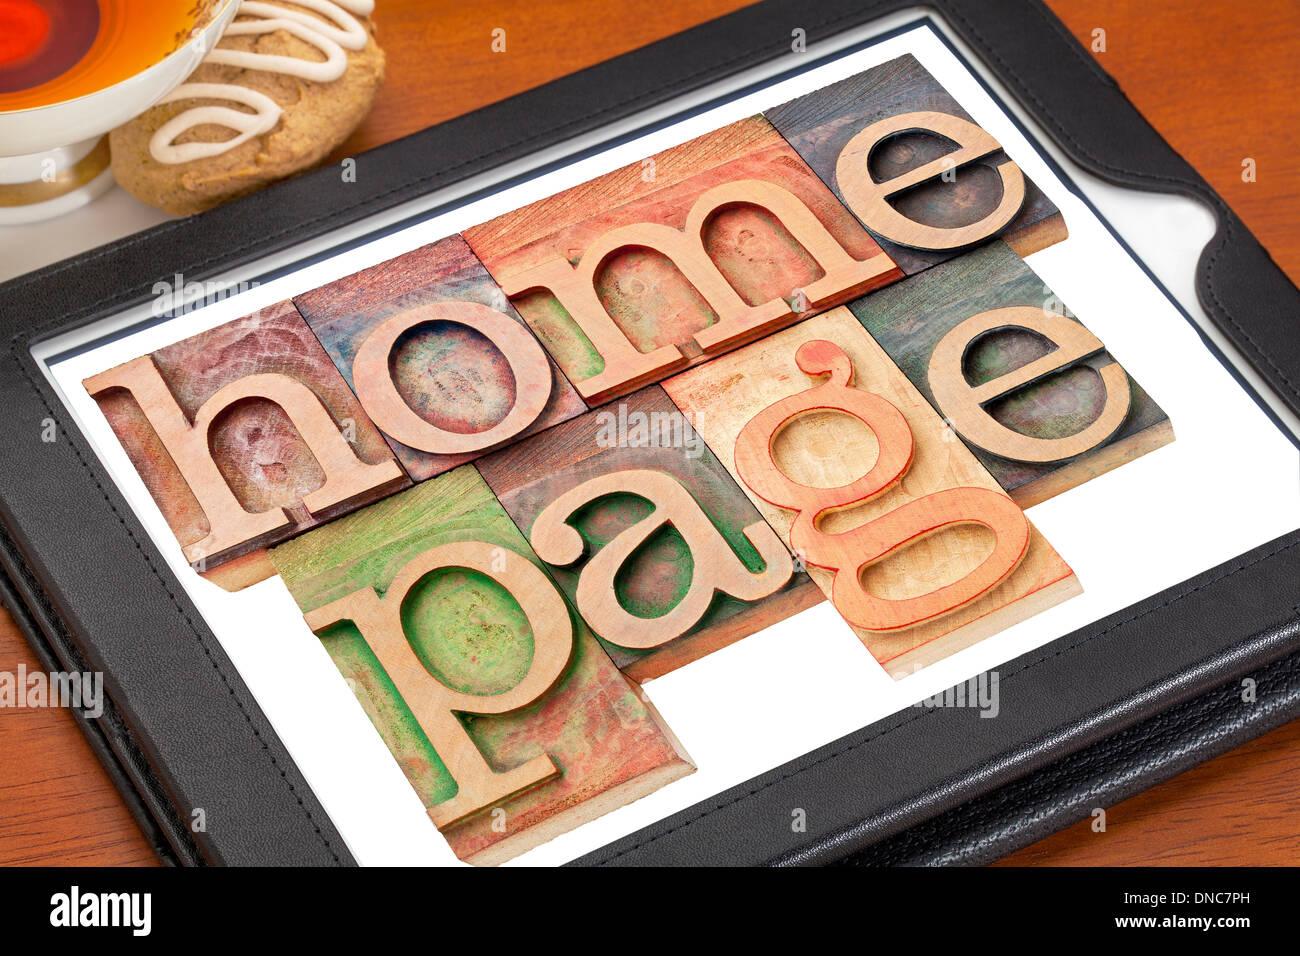 Home page - texte en typo bois type sur une tablette numérique avec tasse de thé Photo Stock